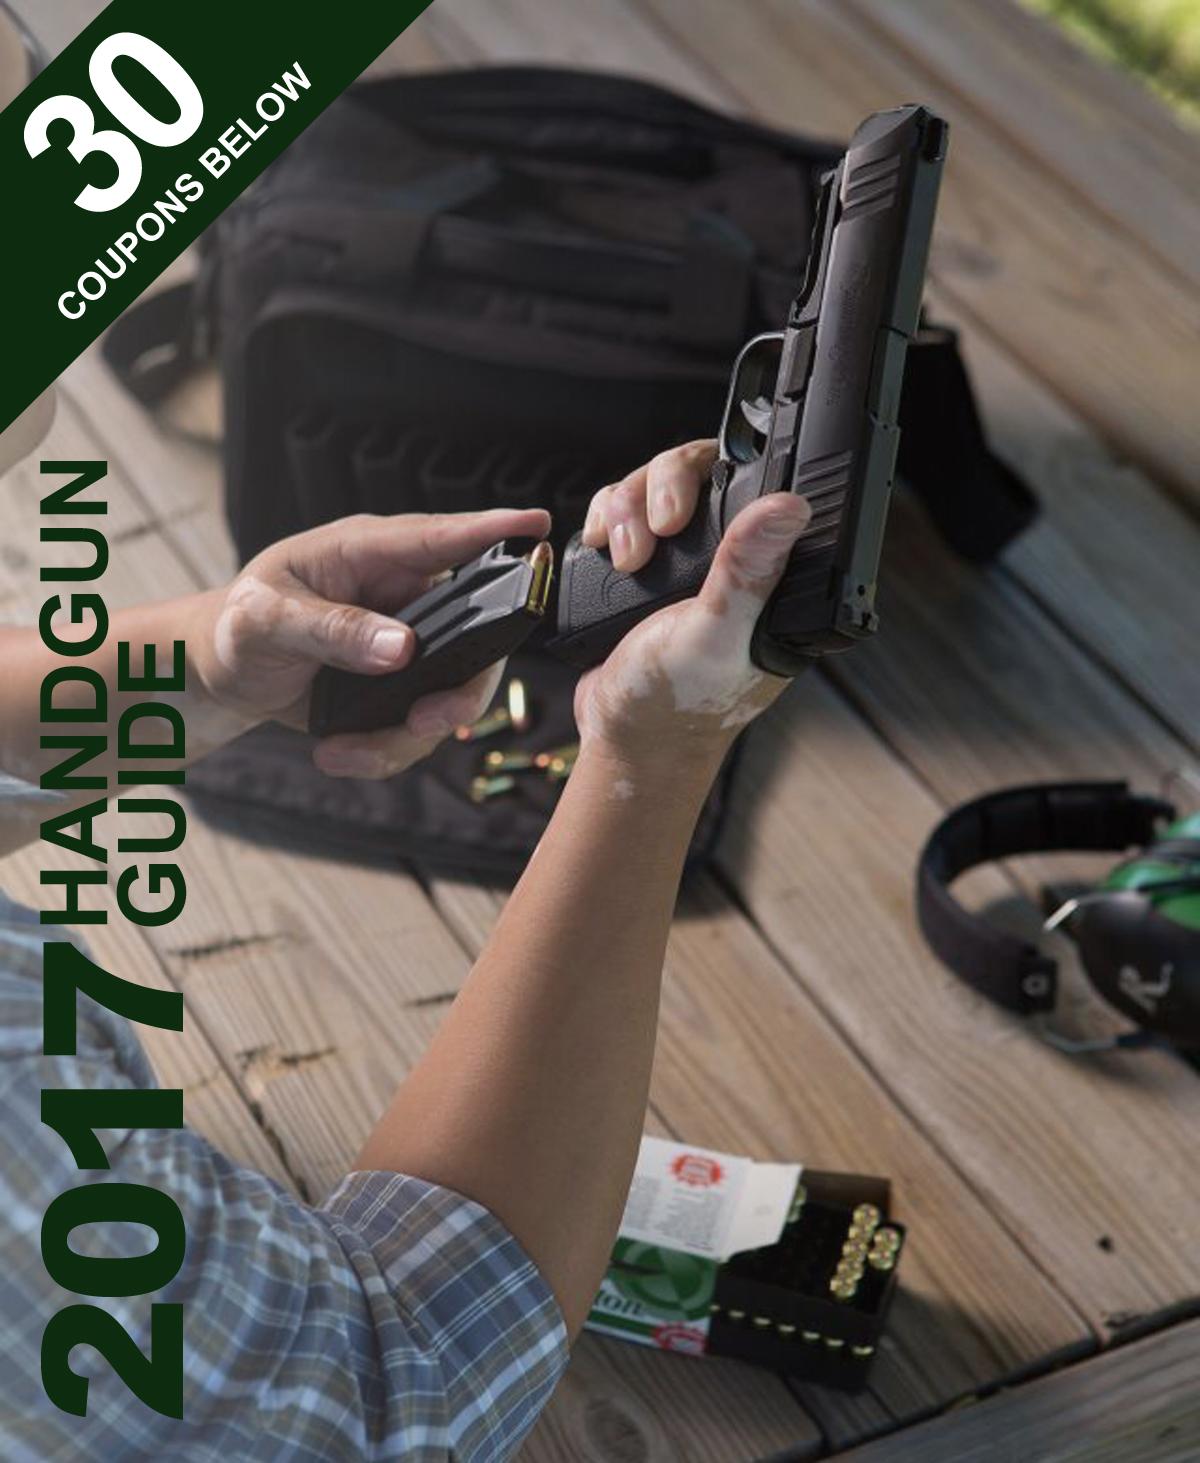 2017 Dunham's Handgun Guide